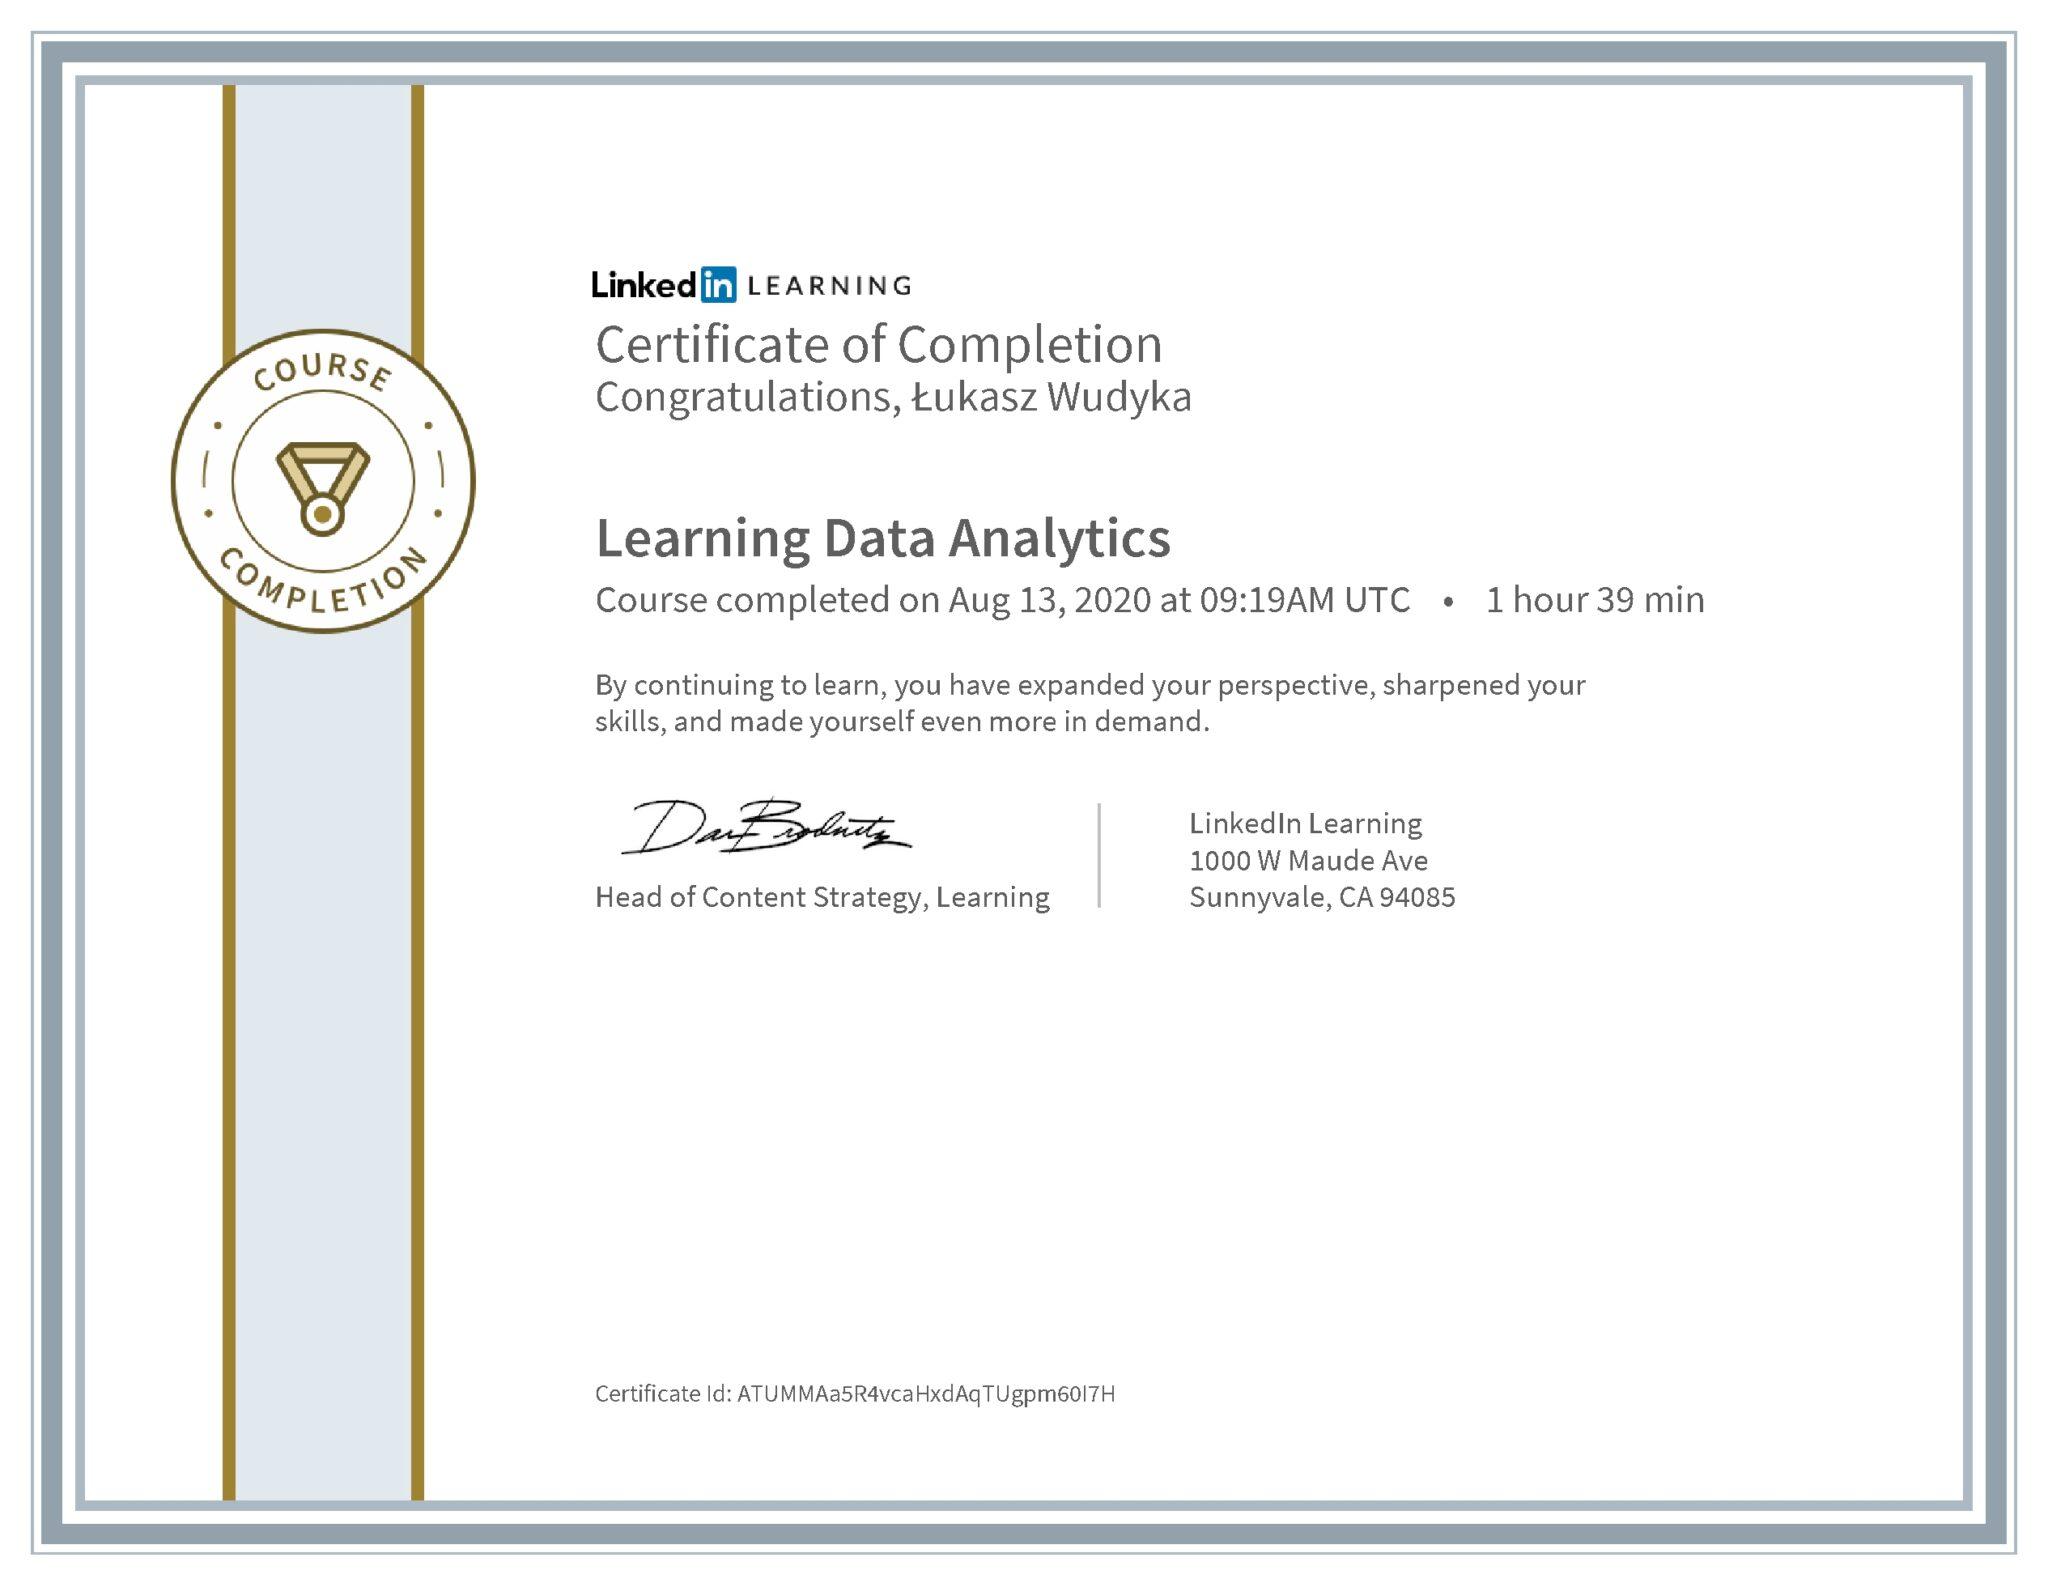 Łukasz Wudyka certyfikat LinkedIn Learning Data Analytics